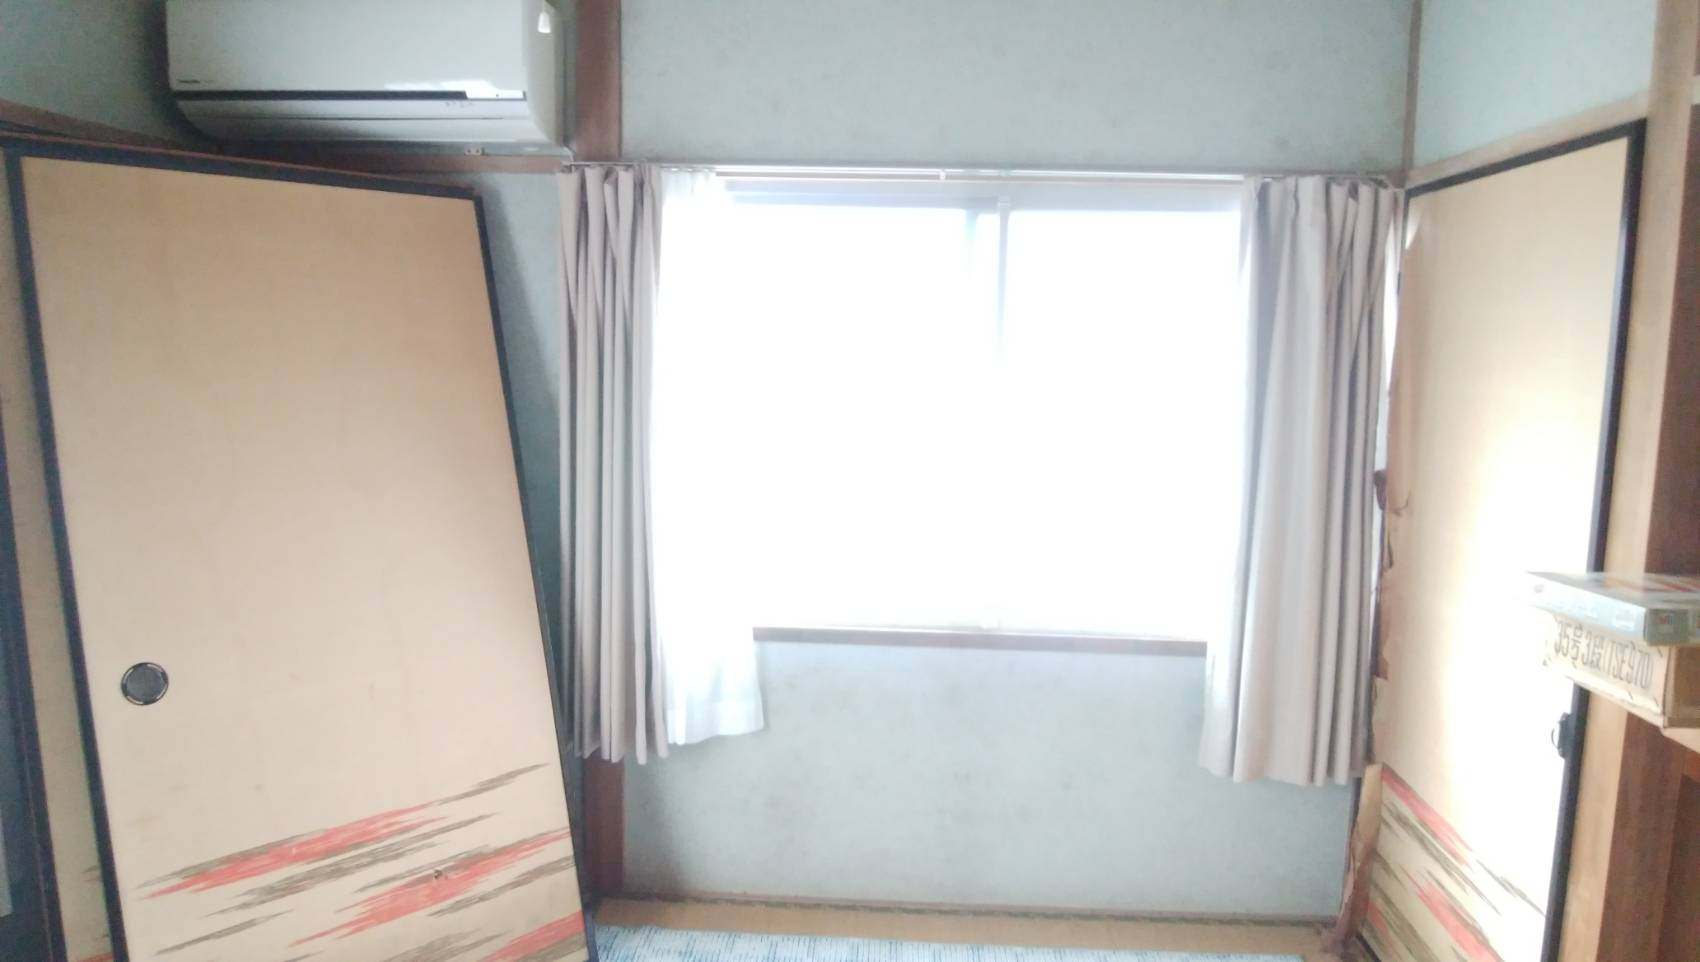 ギャラリーパティオの和室⇒洋室 リフォーム フロアー編の施工前の写真1